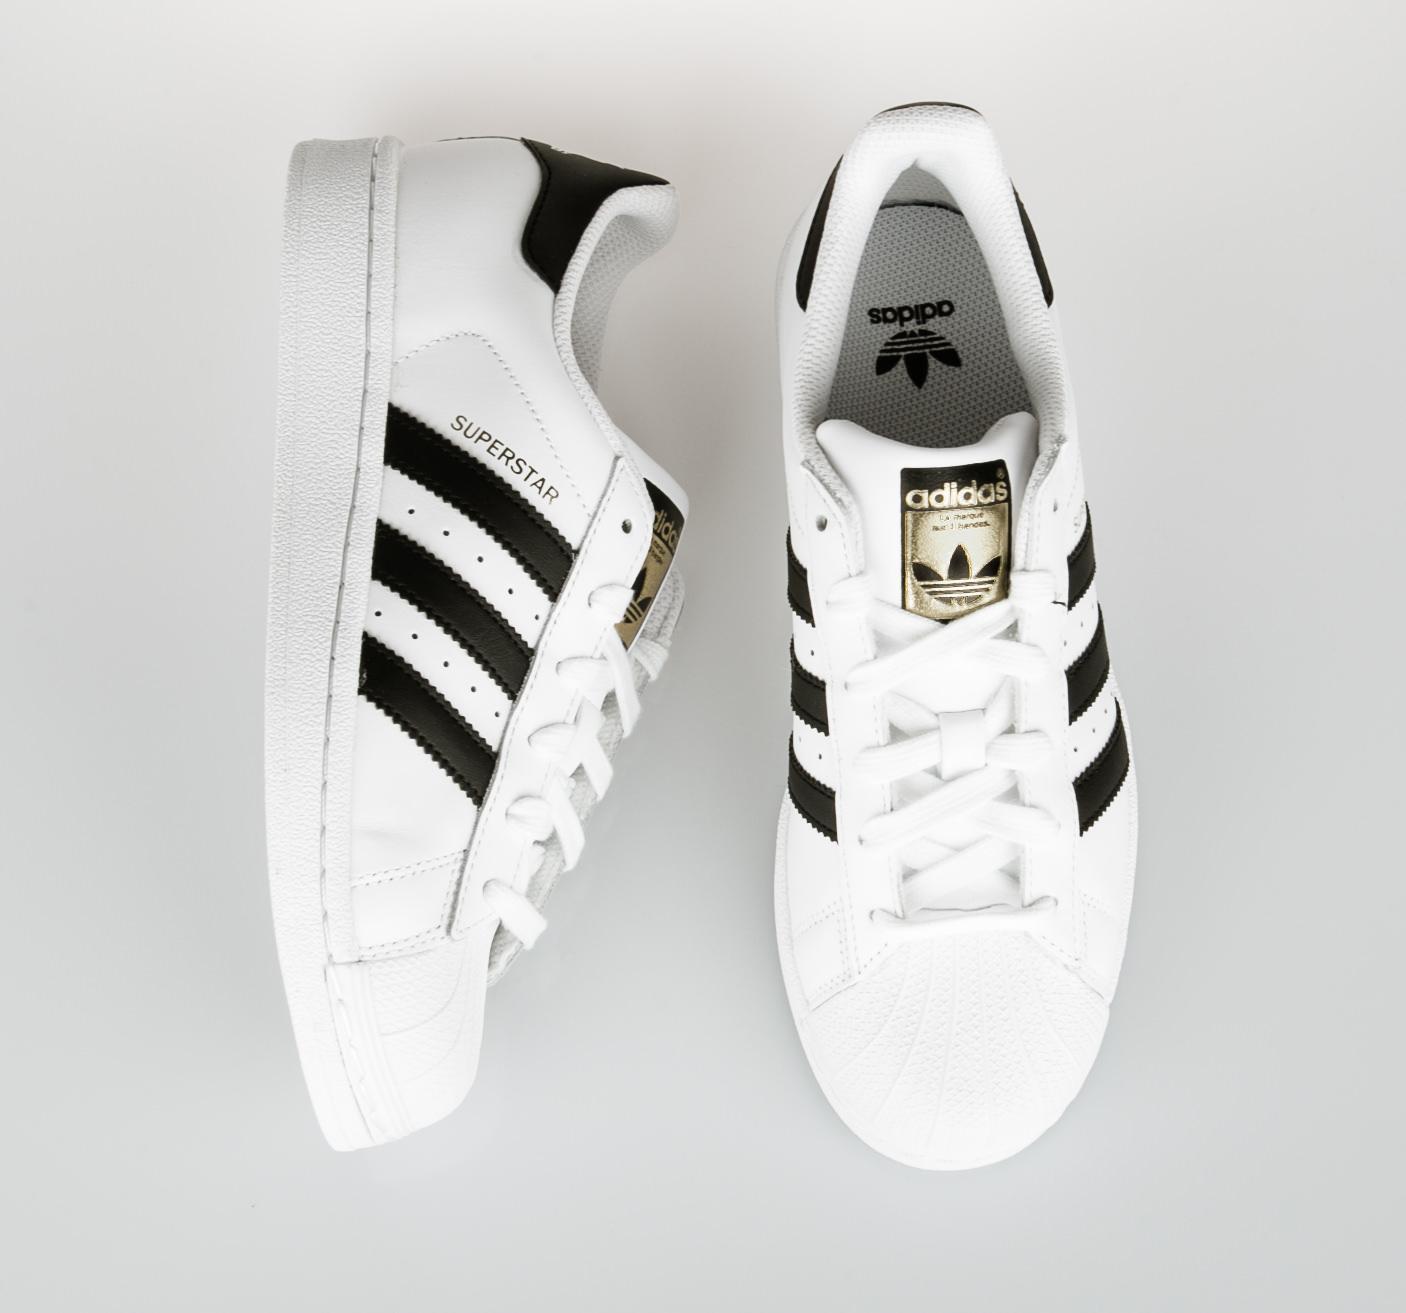 Ejecutable tristeza Noroeste  tenis adidas blancos con rayas negras Compra Productos adidas online